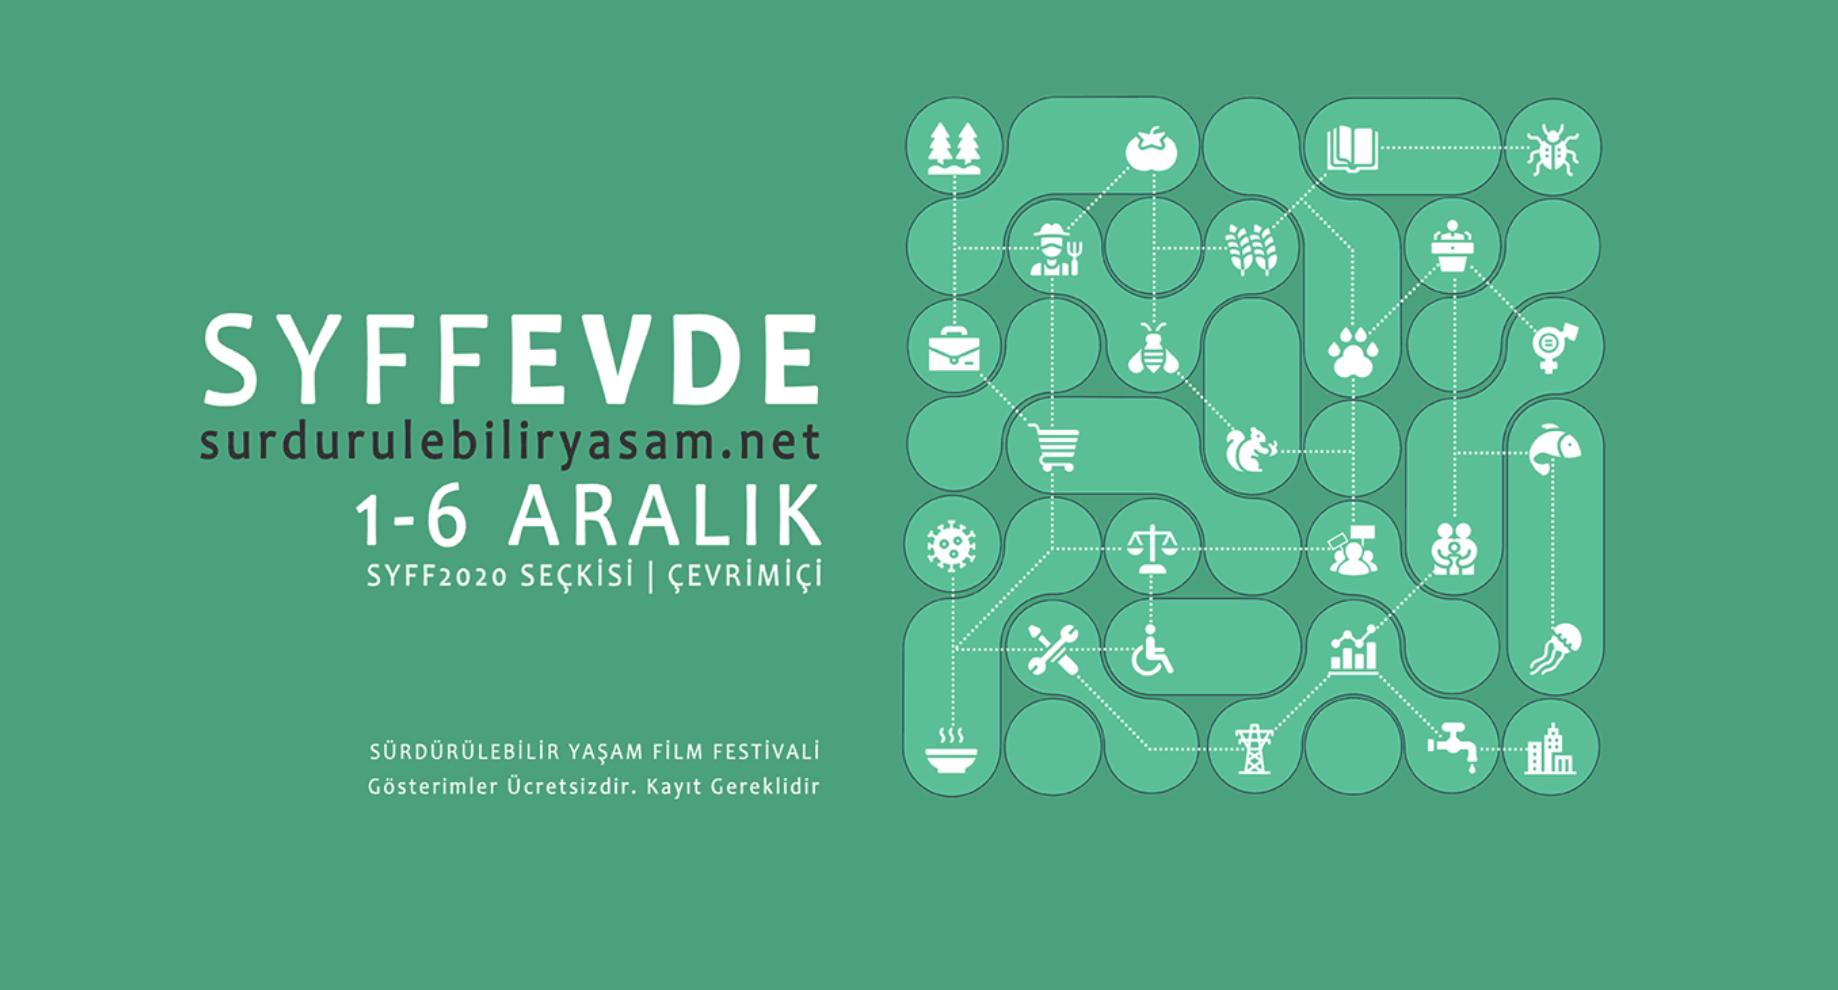 Sürdürülebilir Yaşam Film Festivali 2020 Başlıyor